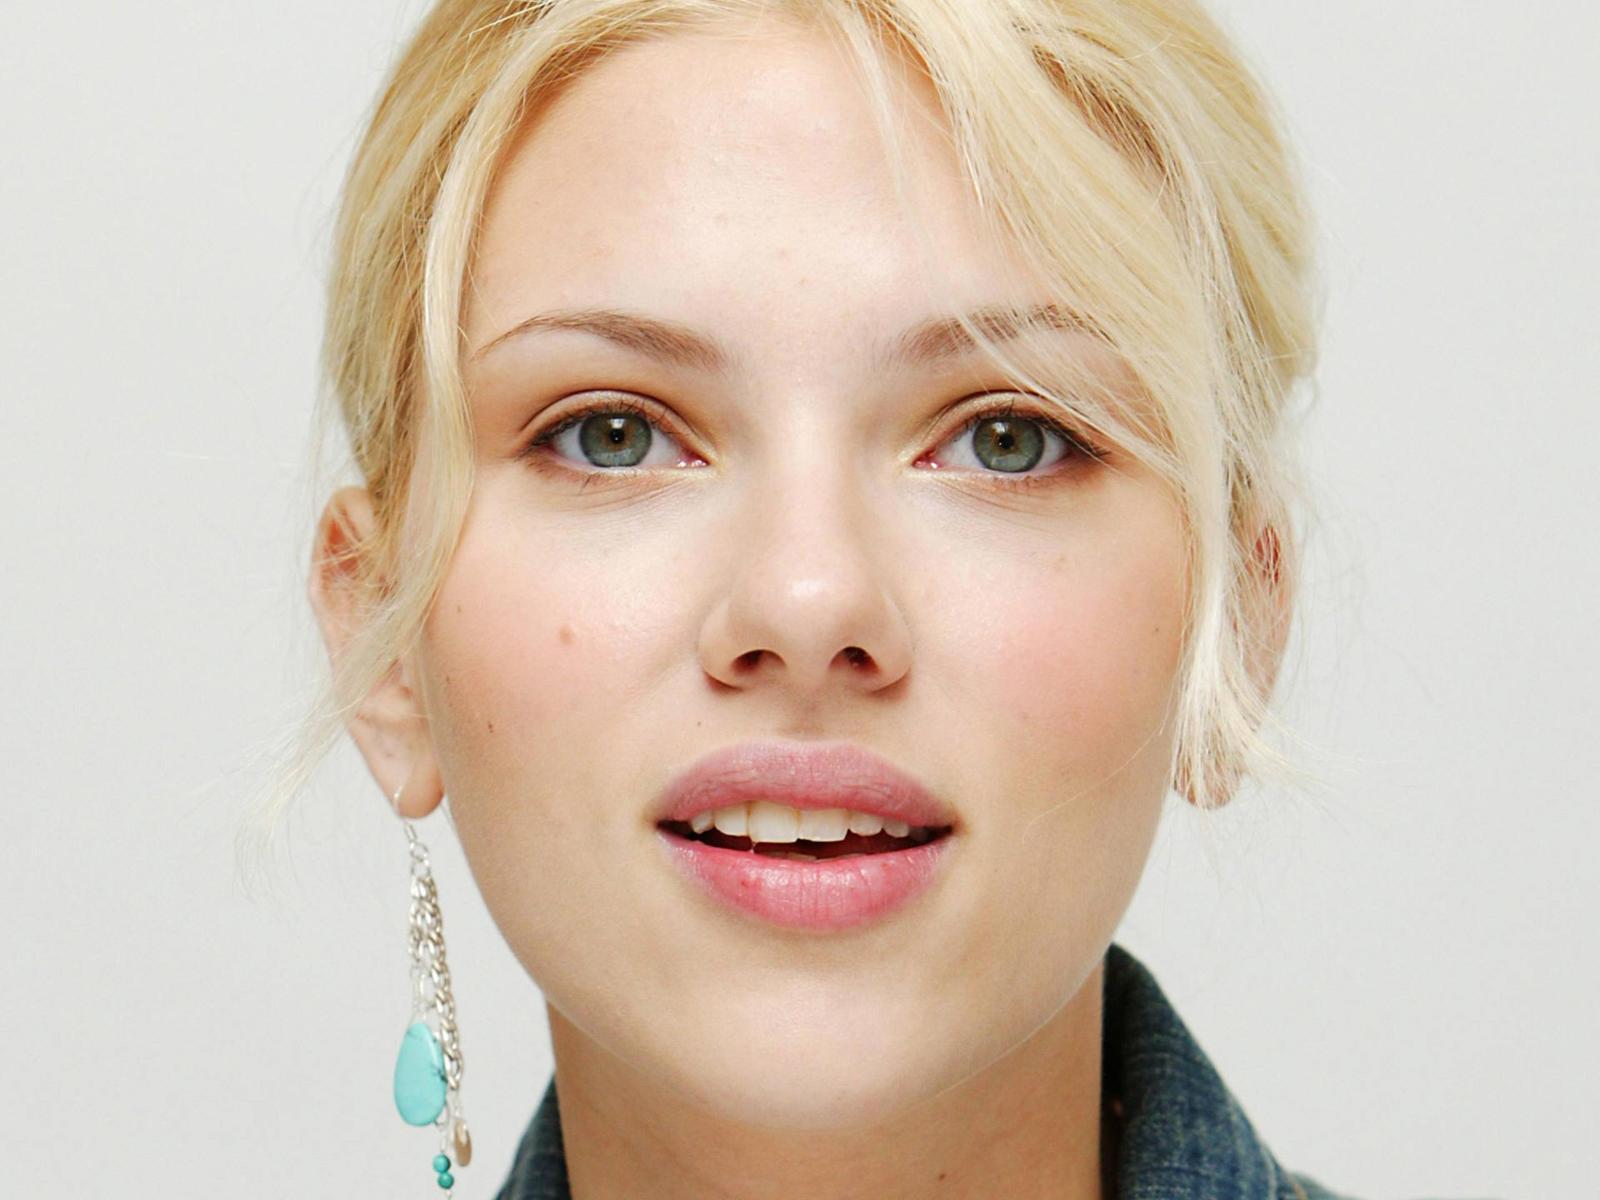 http://1.bp.blogspot.com/-qGkTN7OlUPA/Tr0ogYgQ7lI/AAAAAAAAI9Q/X2w1YhA6kmU/s1600/Scarlett_Johansson_Wallpapers_pinkish_lips.jpg